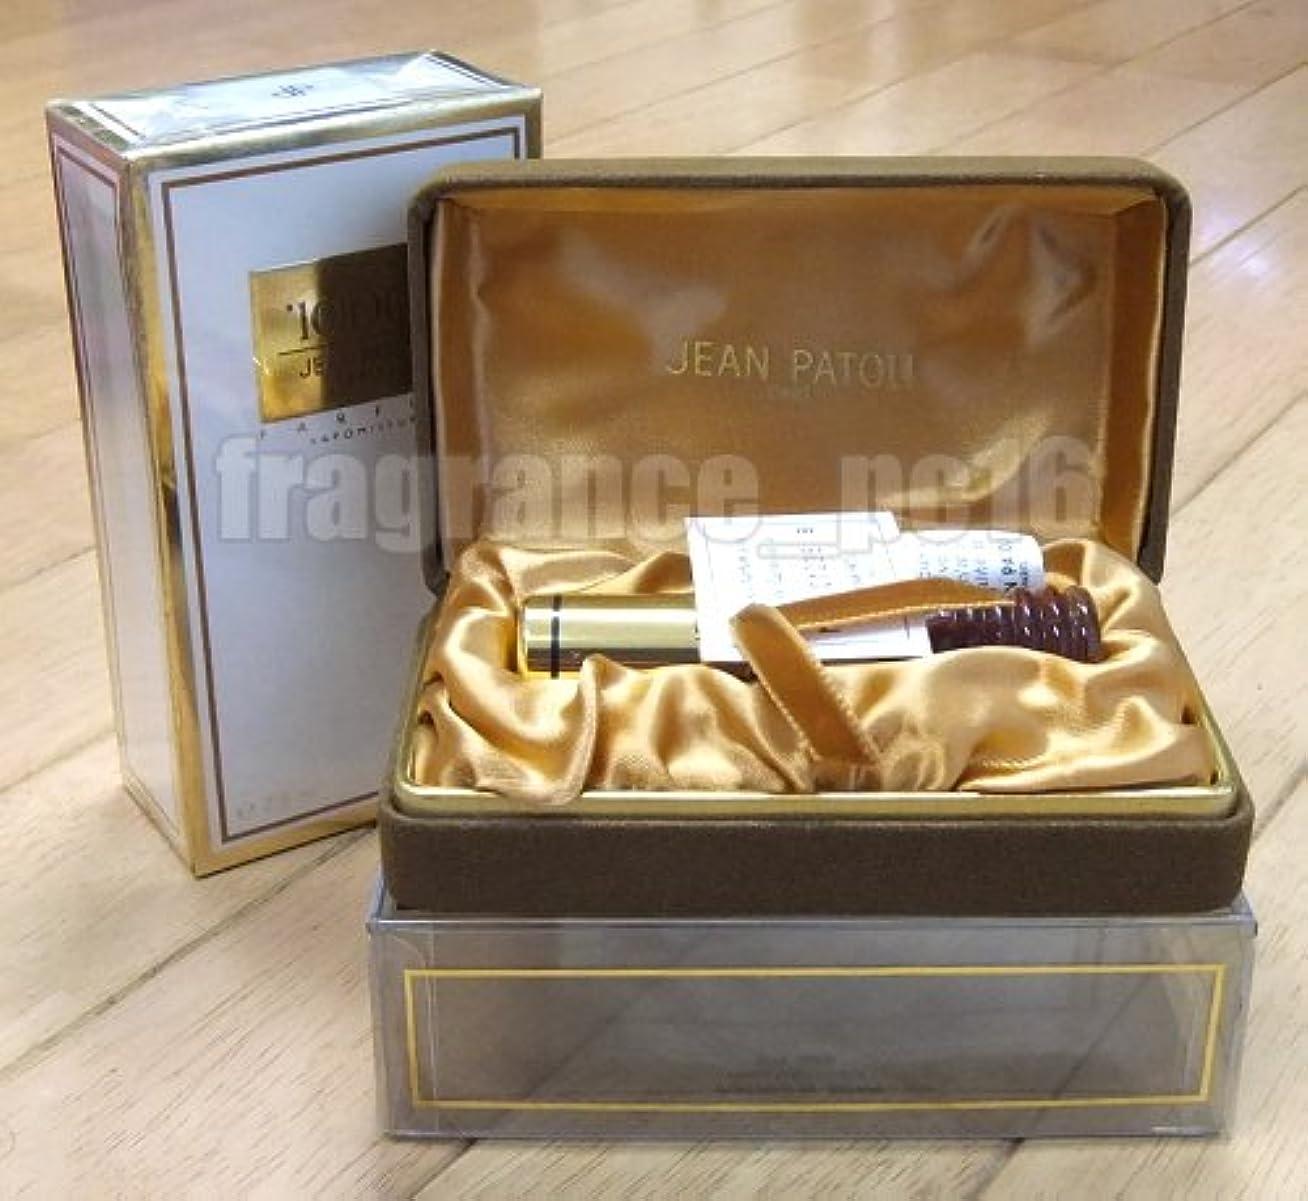 媒染剤出くわすあいまいJEAN PATOU ジャンパトゥ ミル 1000 パルファム 7.5ml スプレー (並行輸入) Parfum